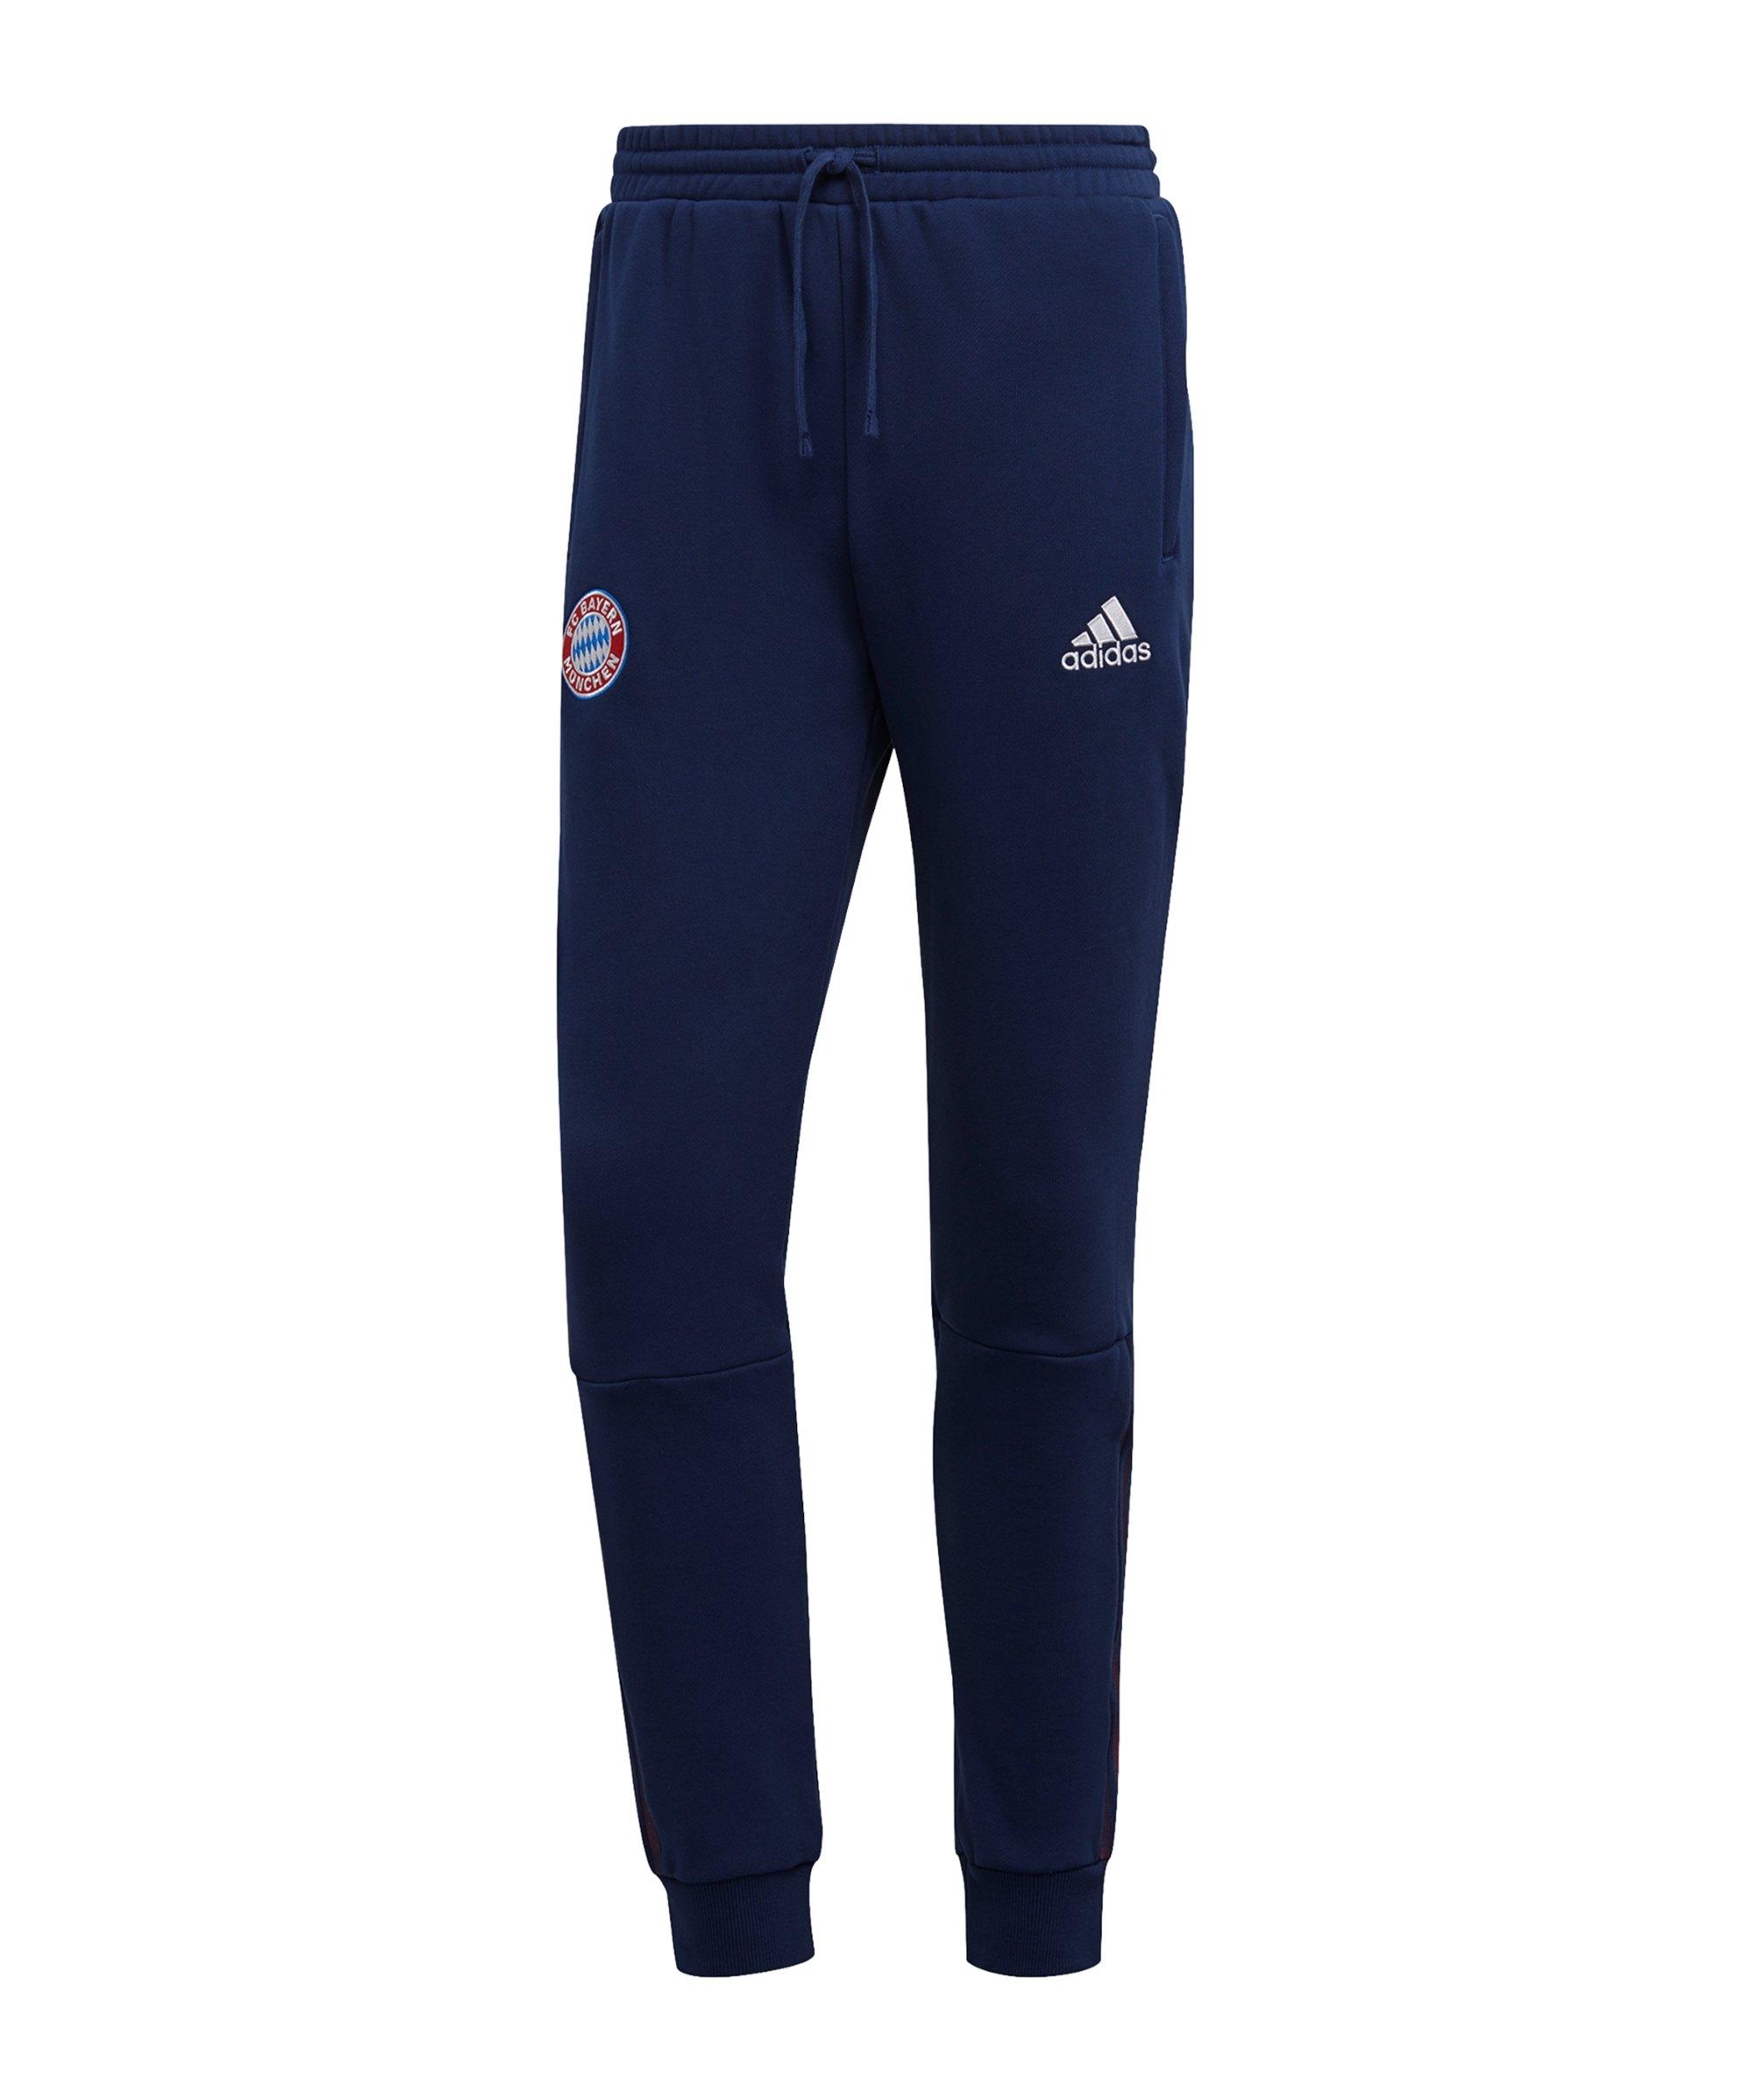 adidas FC Bayern München Jogginghose Blau - blau